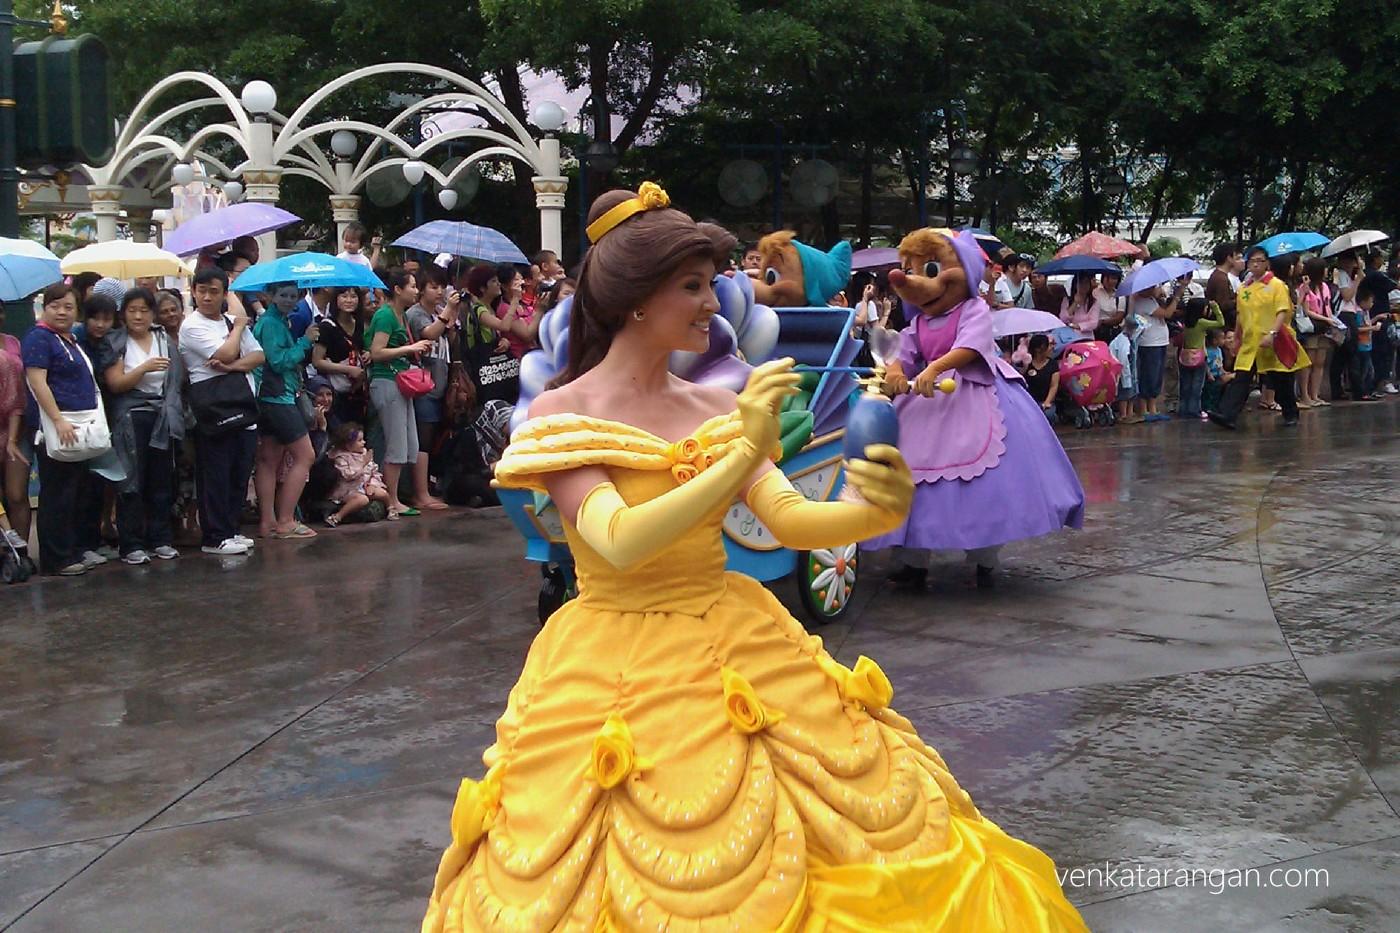 Evening Parade - Princess spraying magical scent